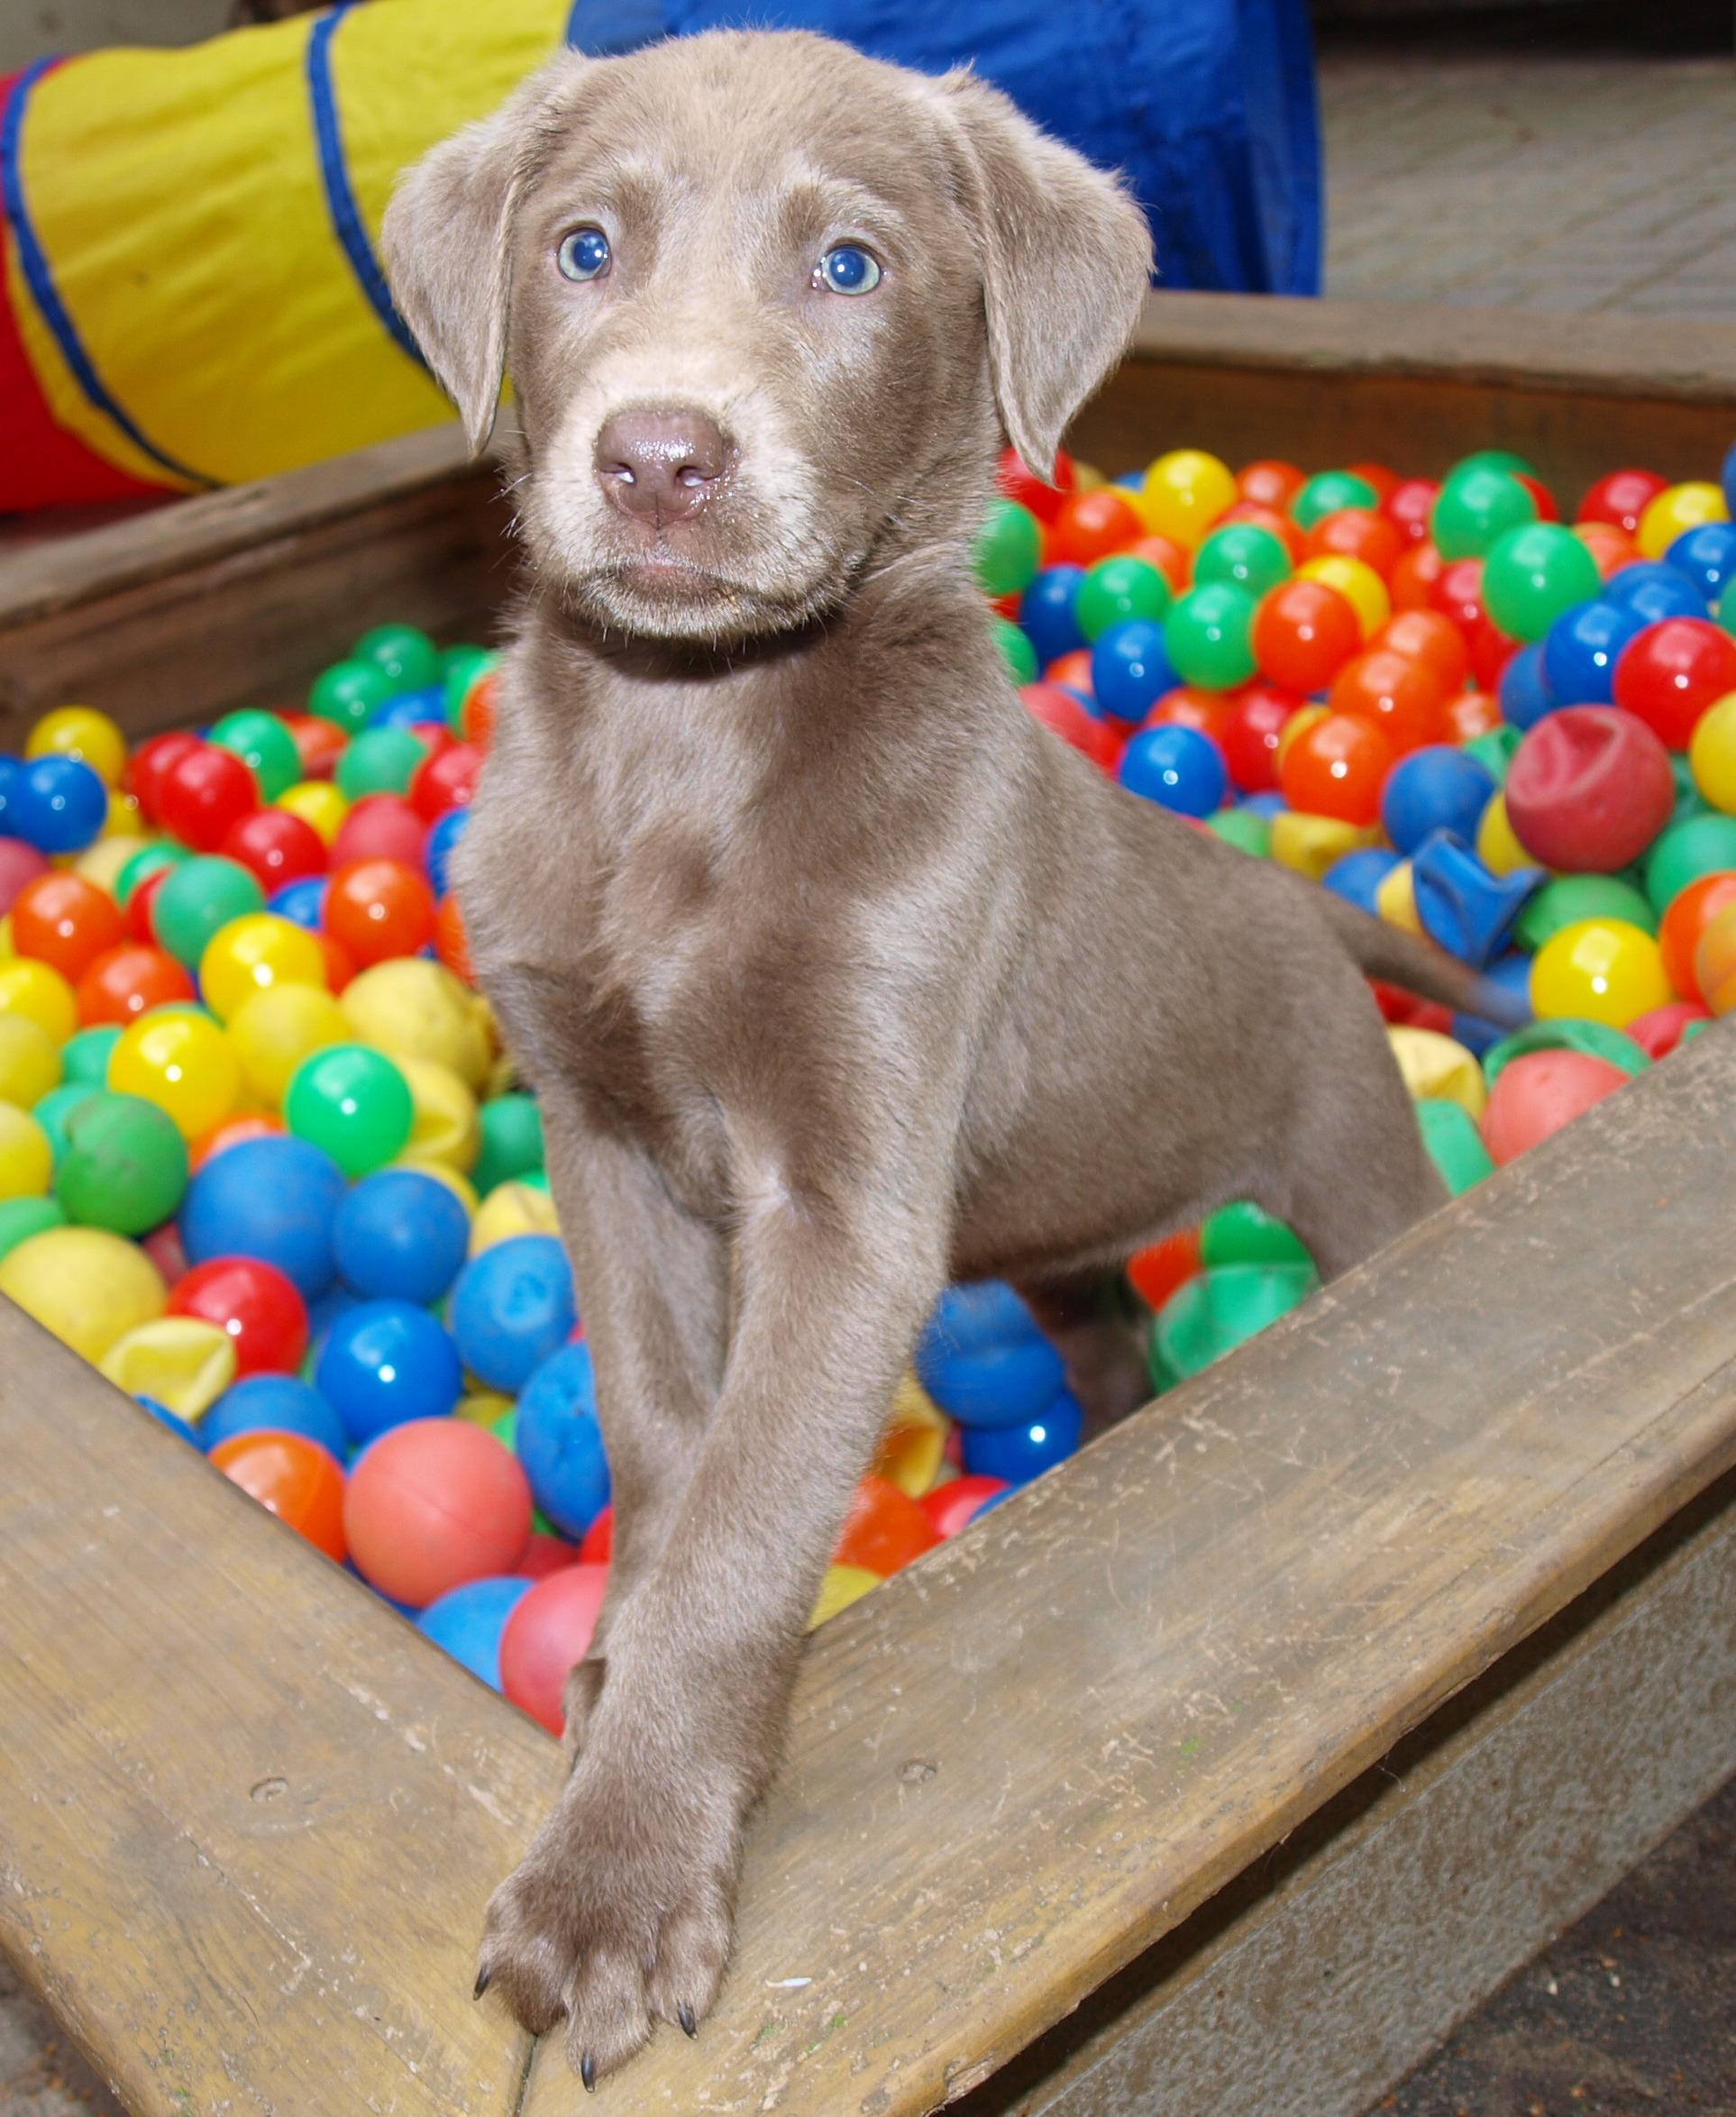 Seltene Silberne Labrador Welpen Haben Ihre Kofferchen Gepackt In